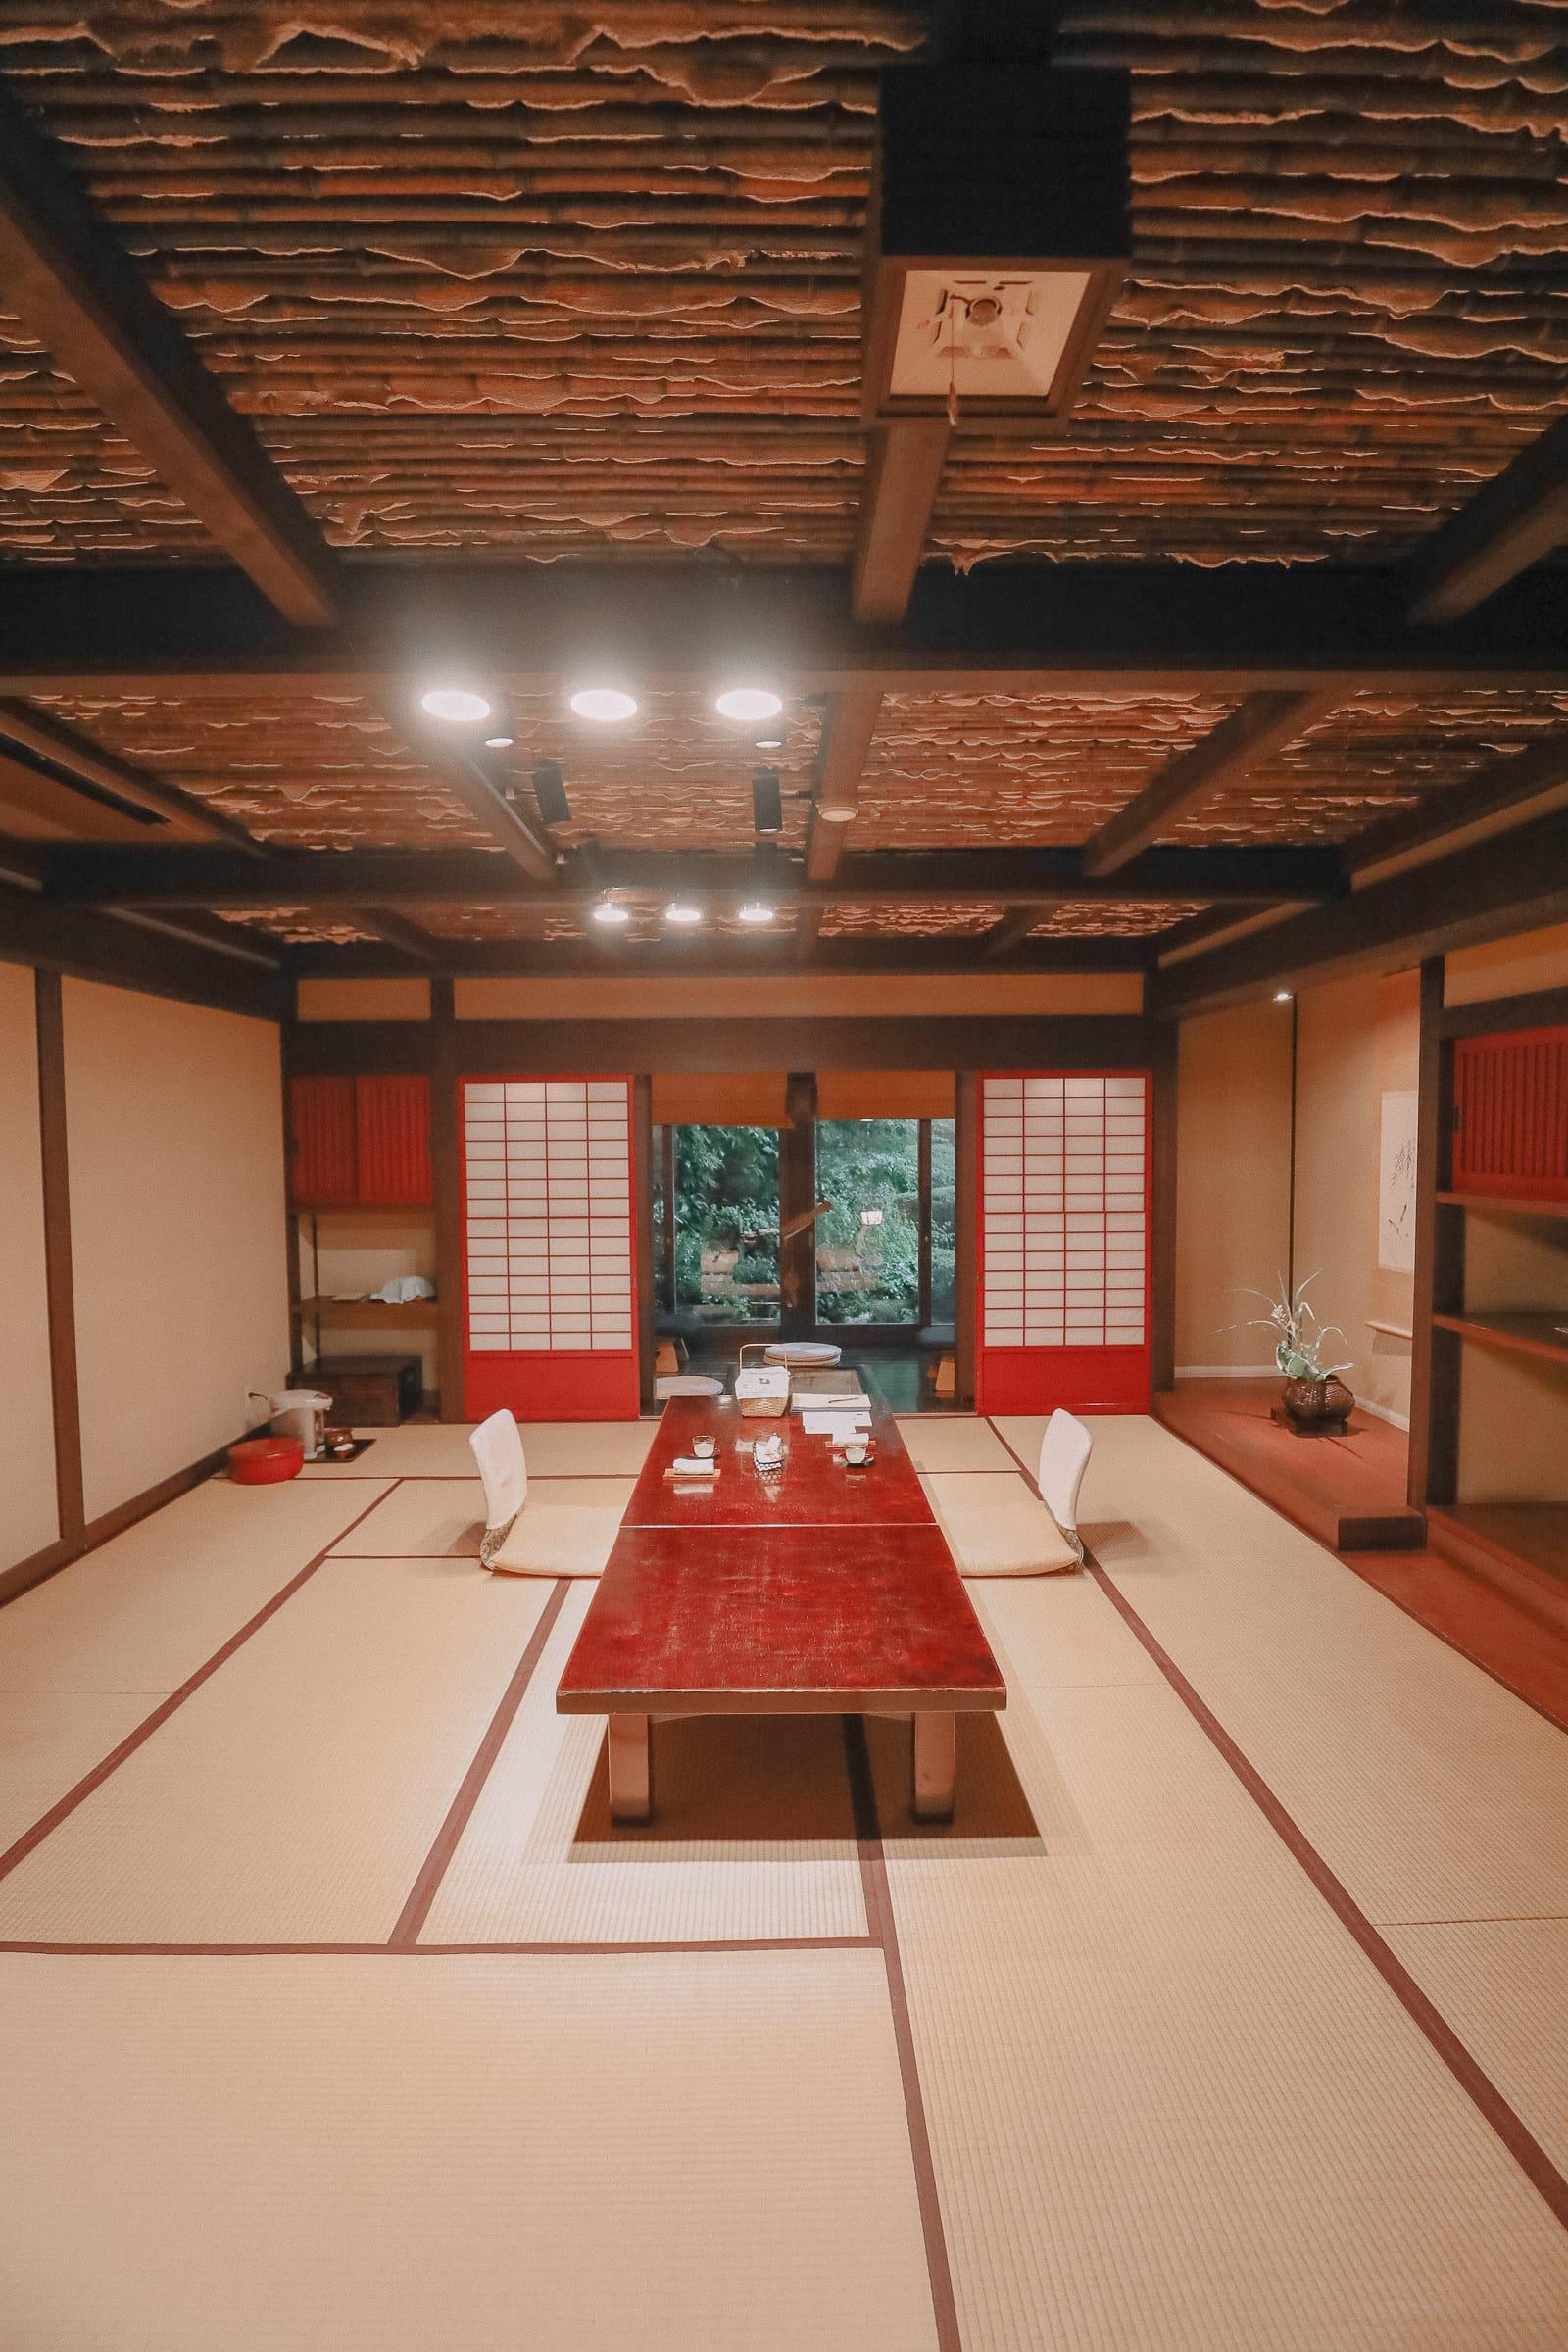 Finding The Samurai District Of Kanazawa and Hakusan City - Japan (20)